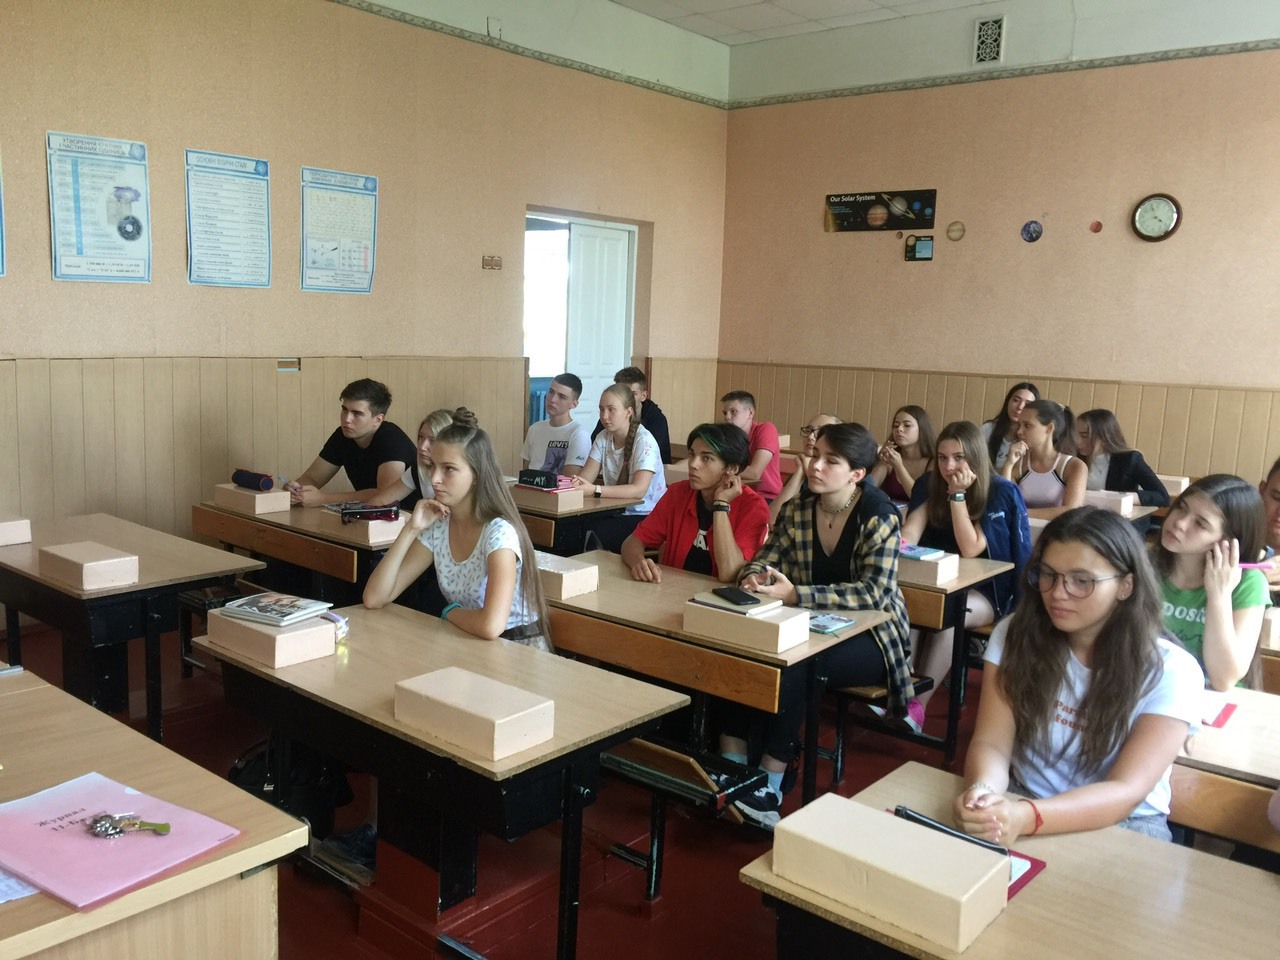 http://kharkivschool3.at.ua/IMG-e164b72cbe8087dc2b553bf87a36a13b-V.jpg